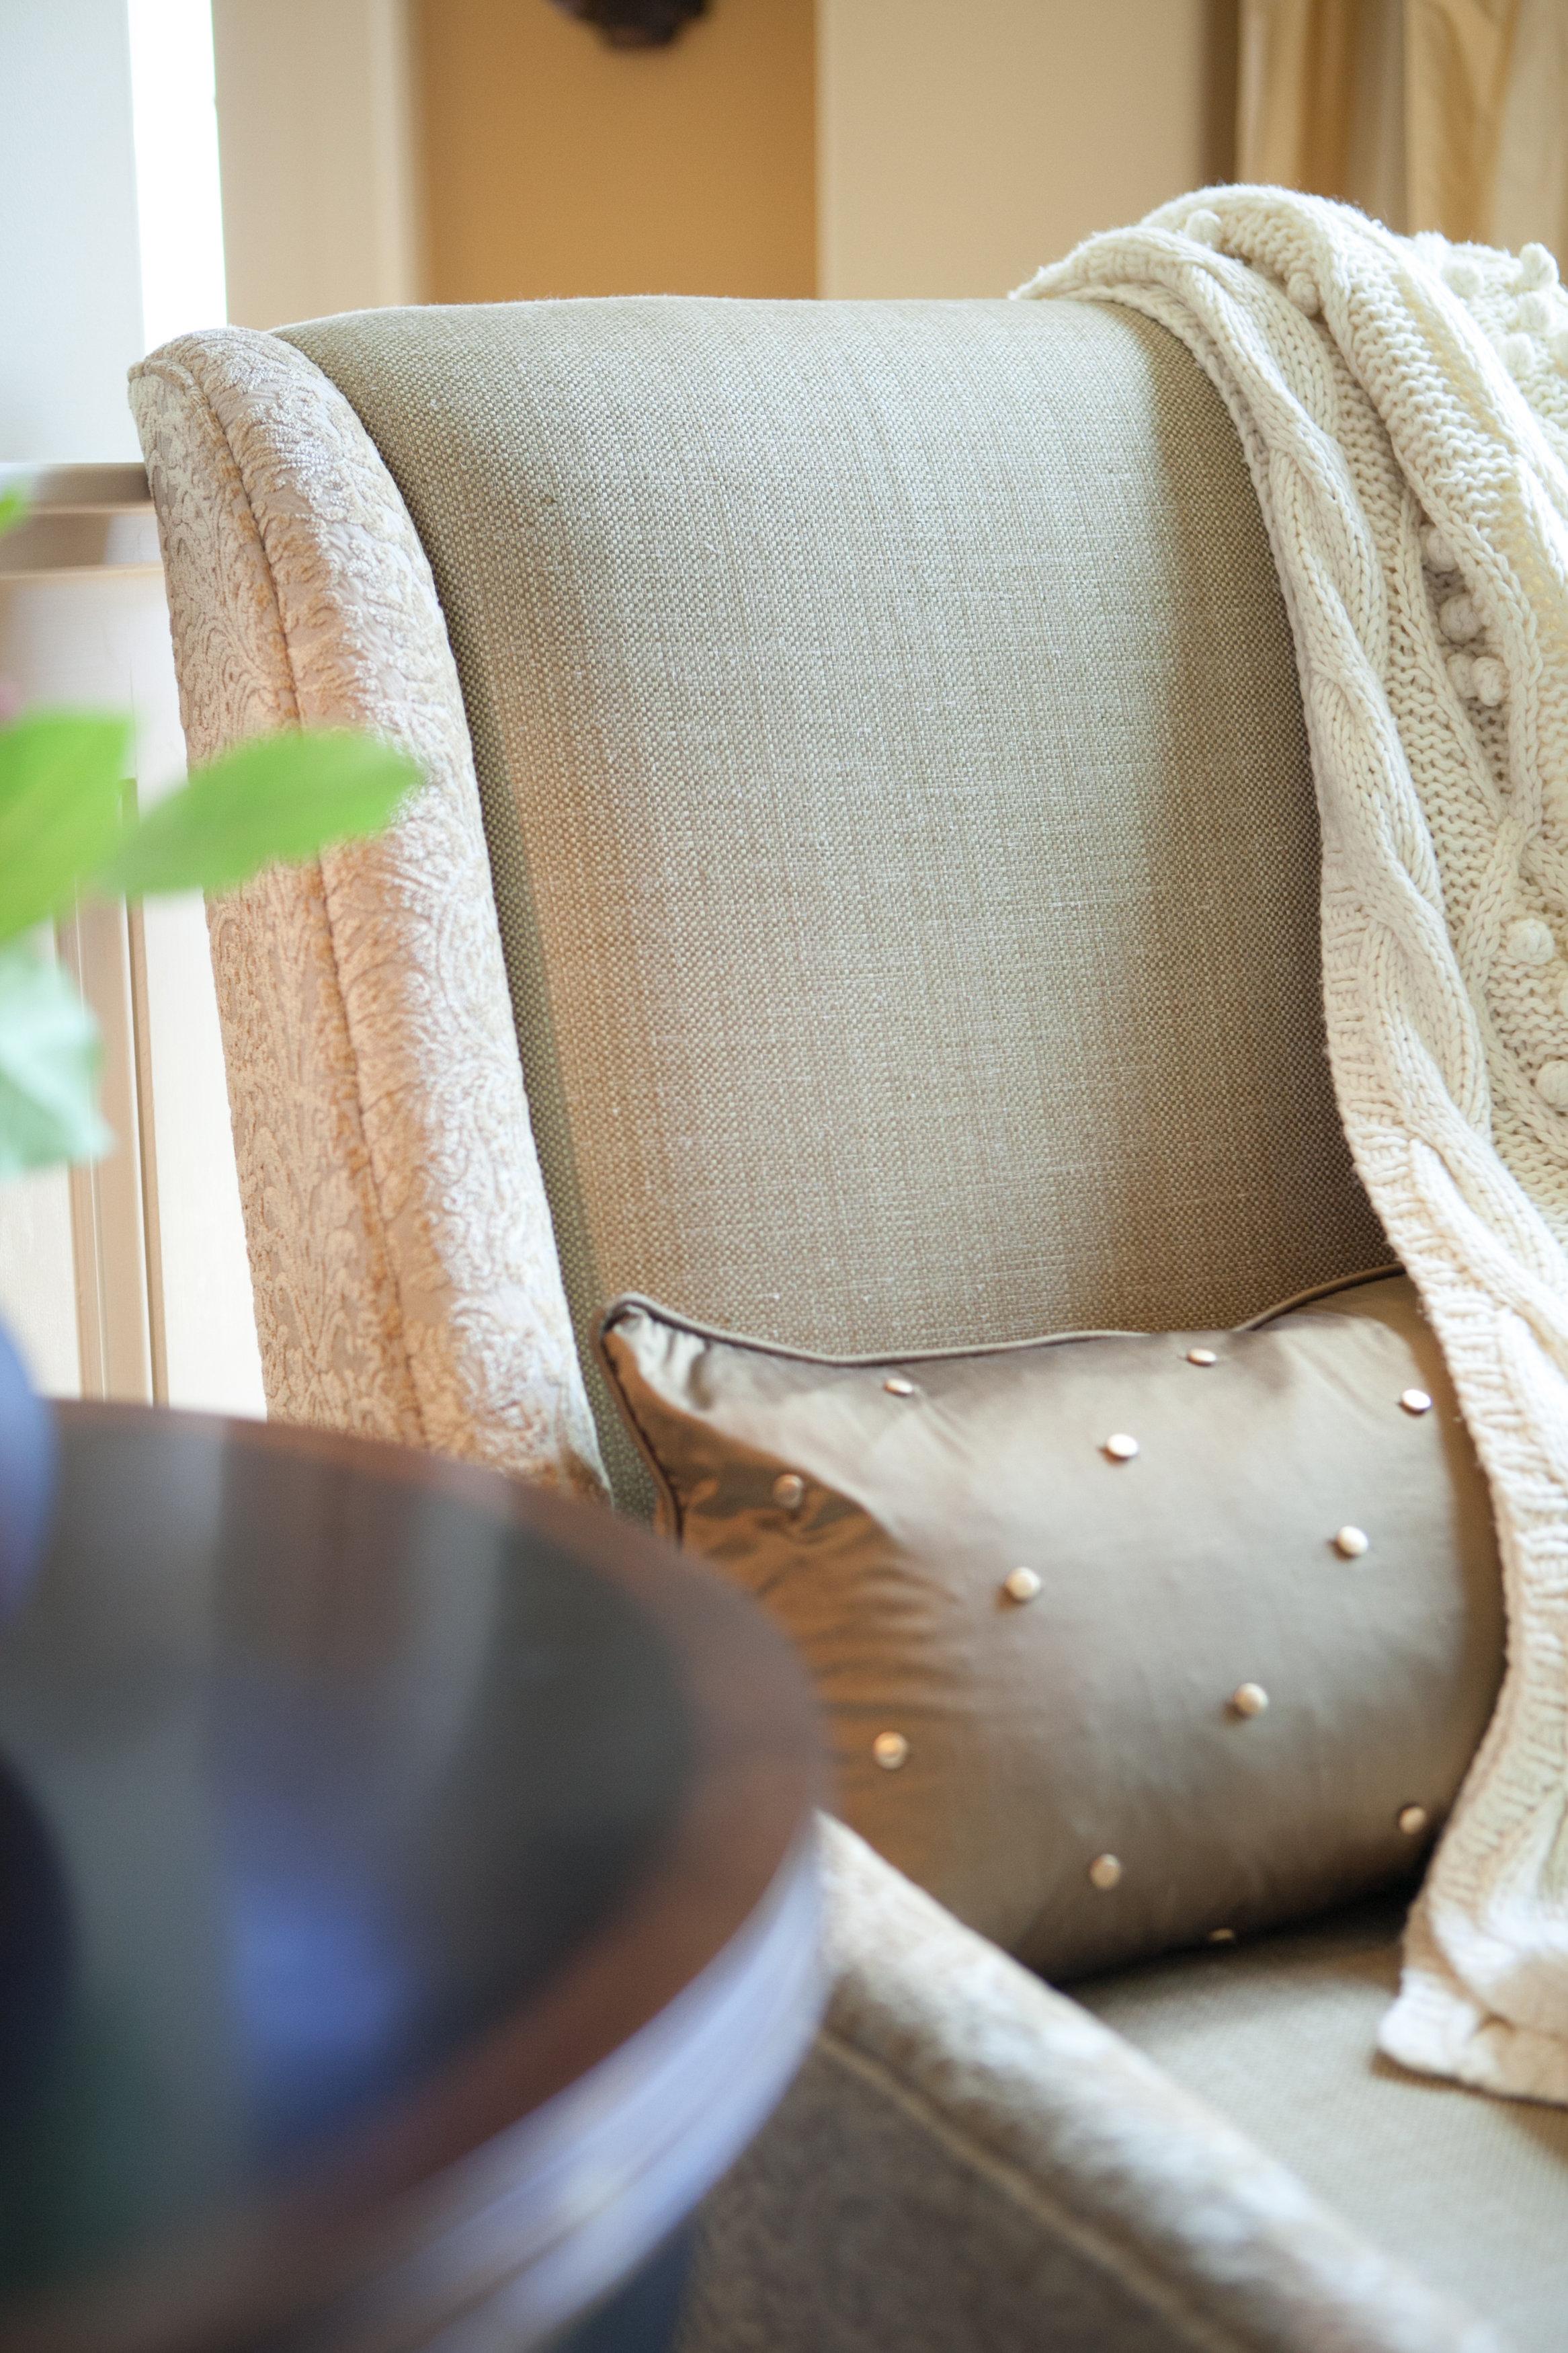 chair close up.jpg